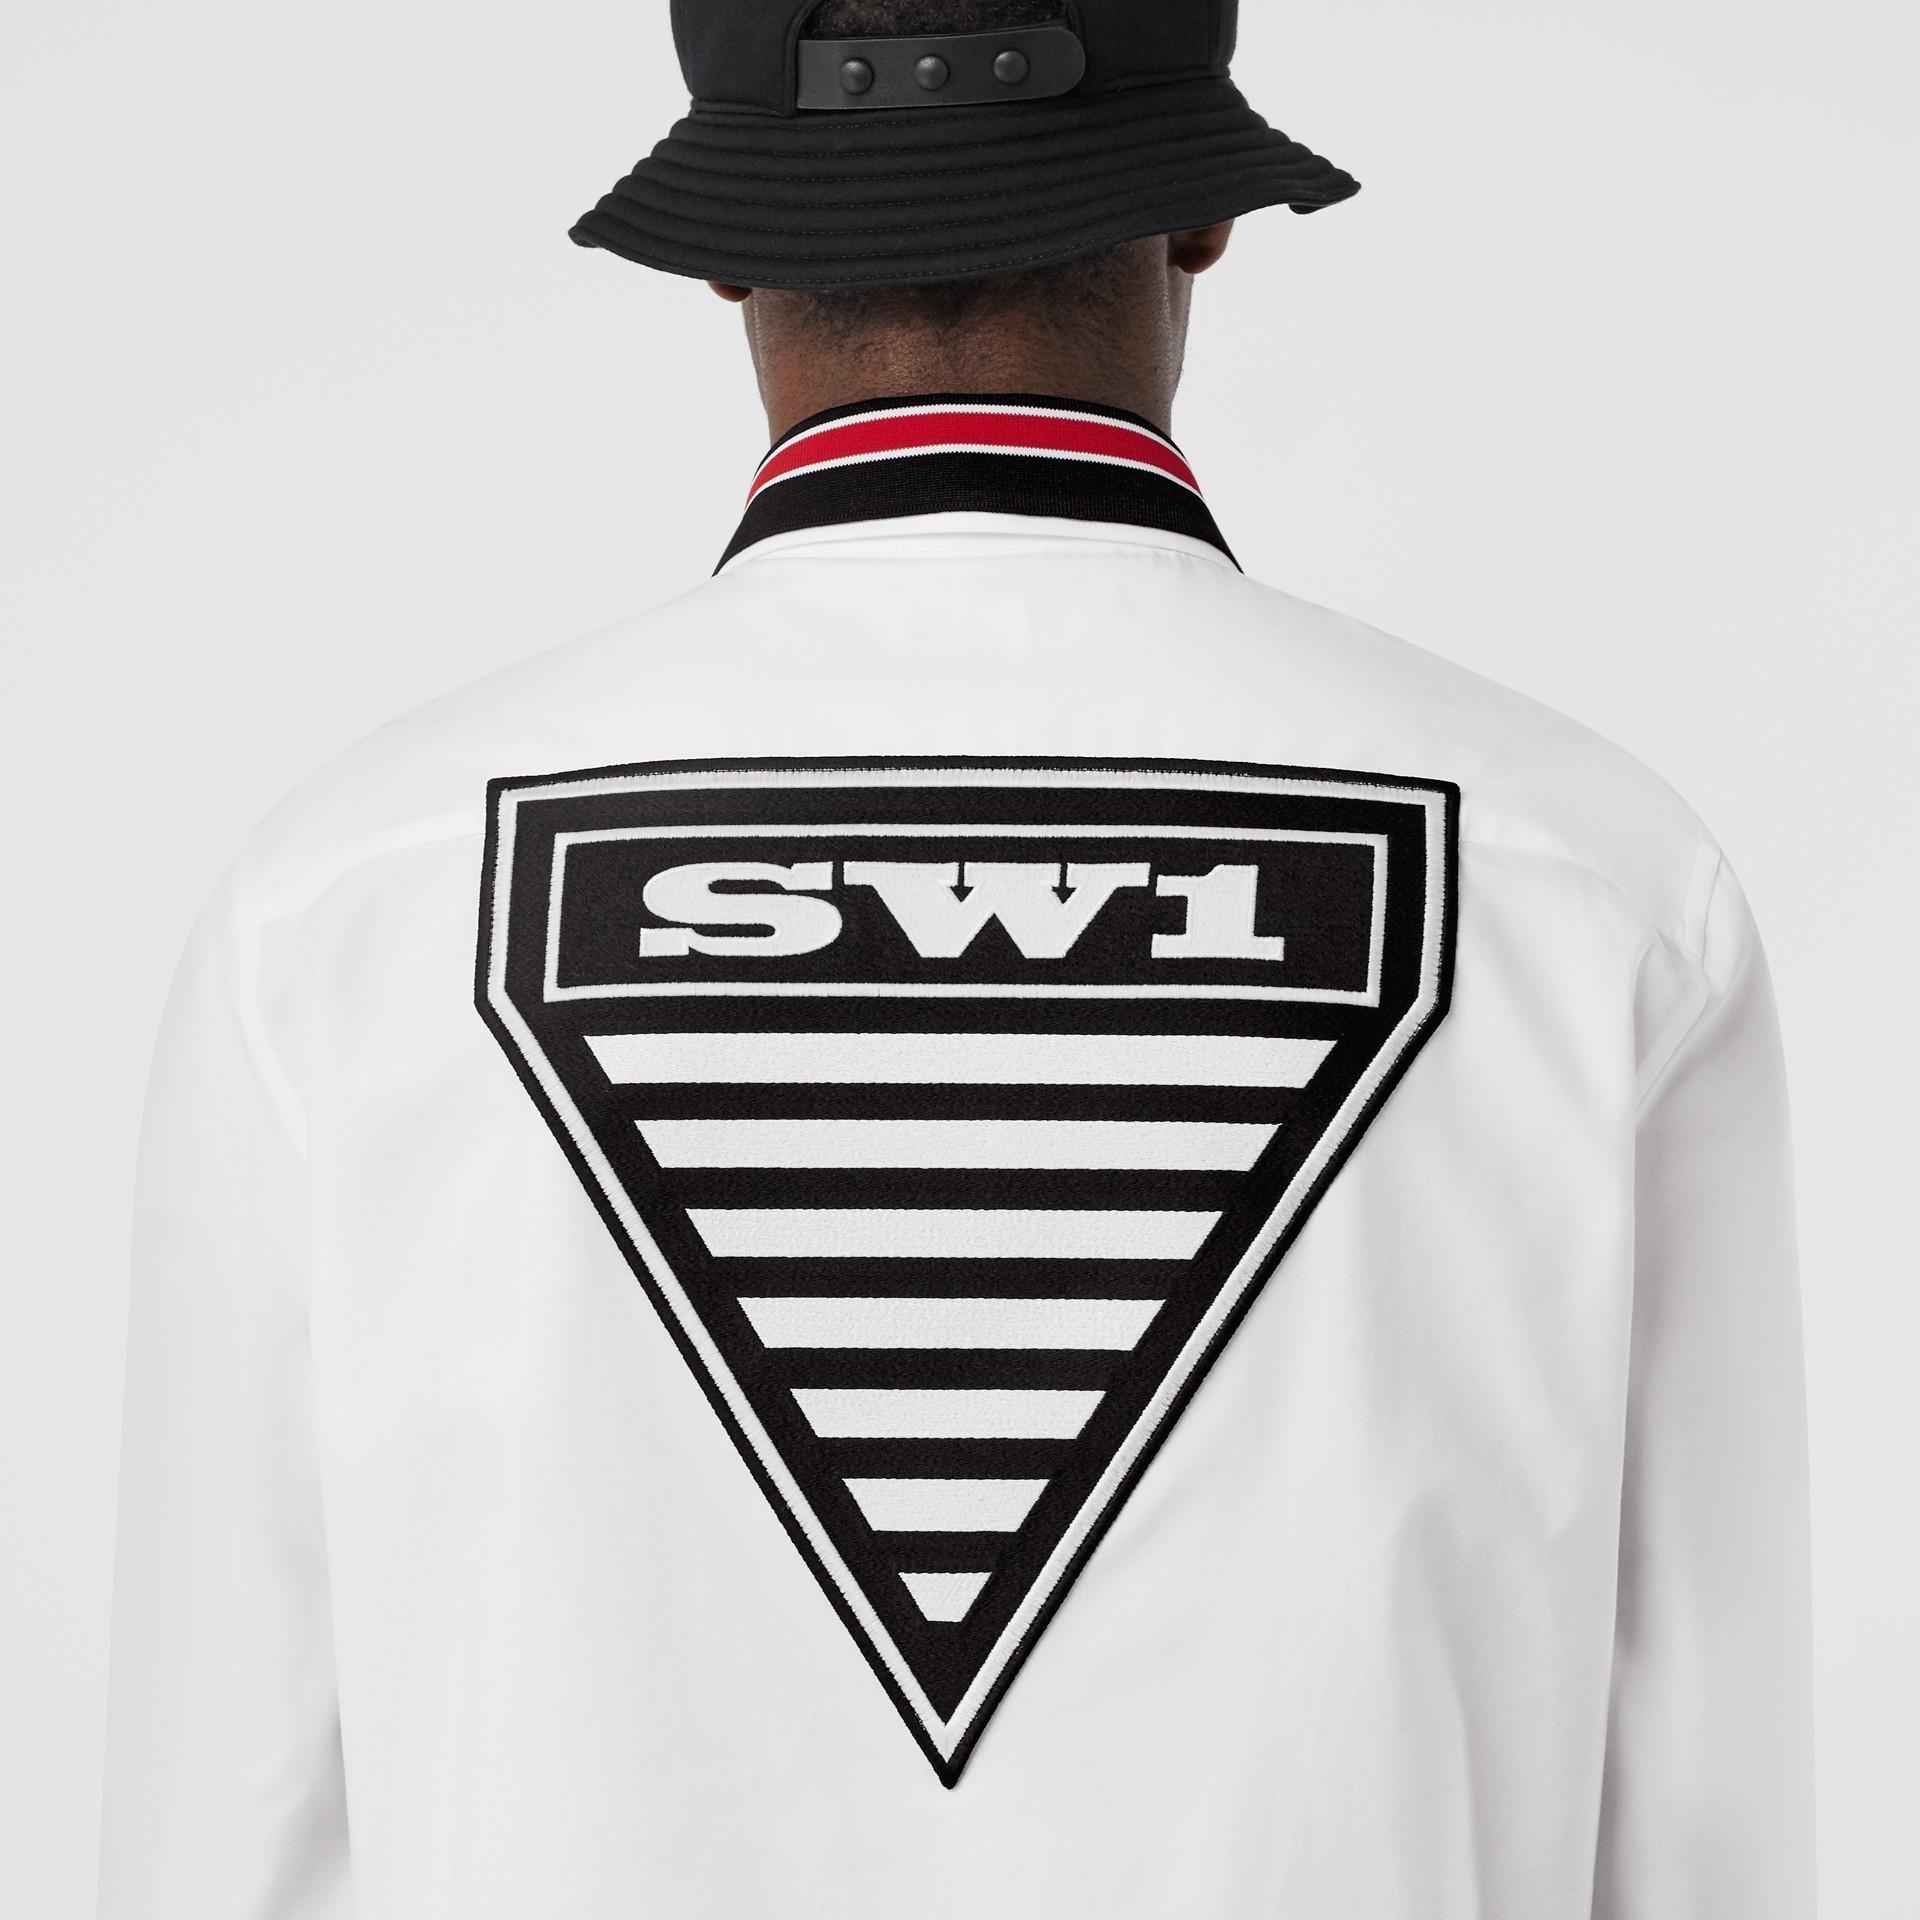 Camicia Oxford oversize in cotone con logo (Bianco) - Uomo | Burberry - immagine della galleria 4